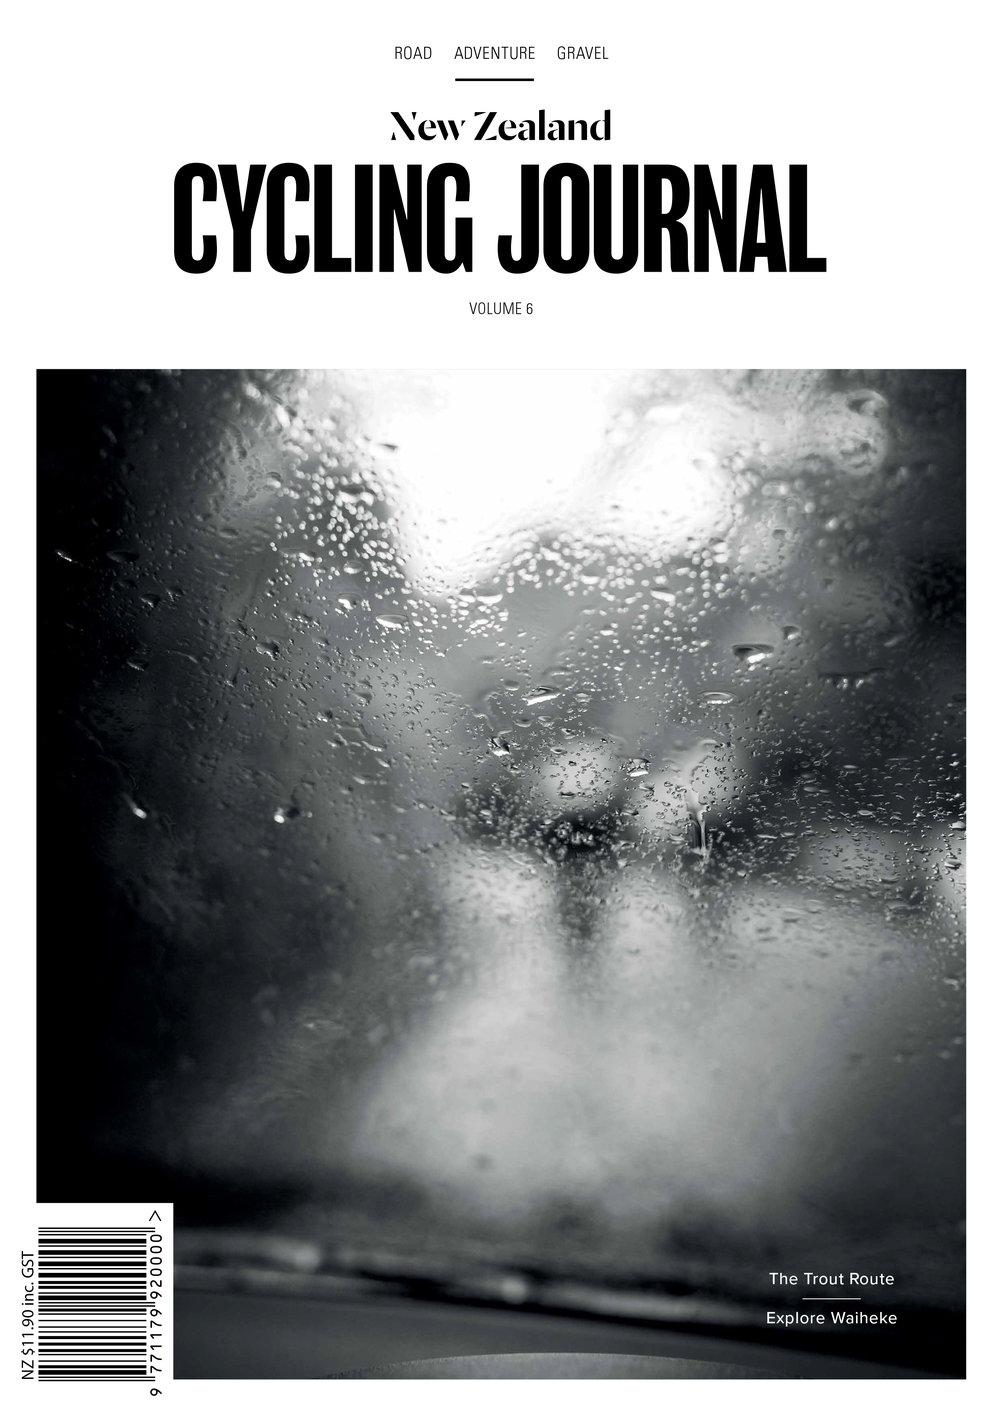 NZ Cycling Journal - Vol.6 Cover.jpg